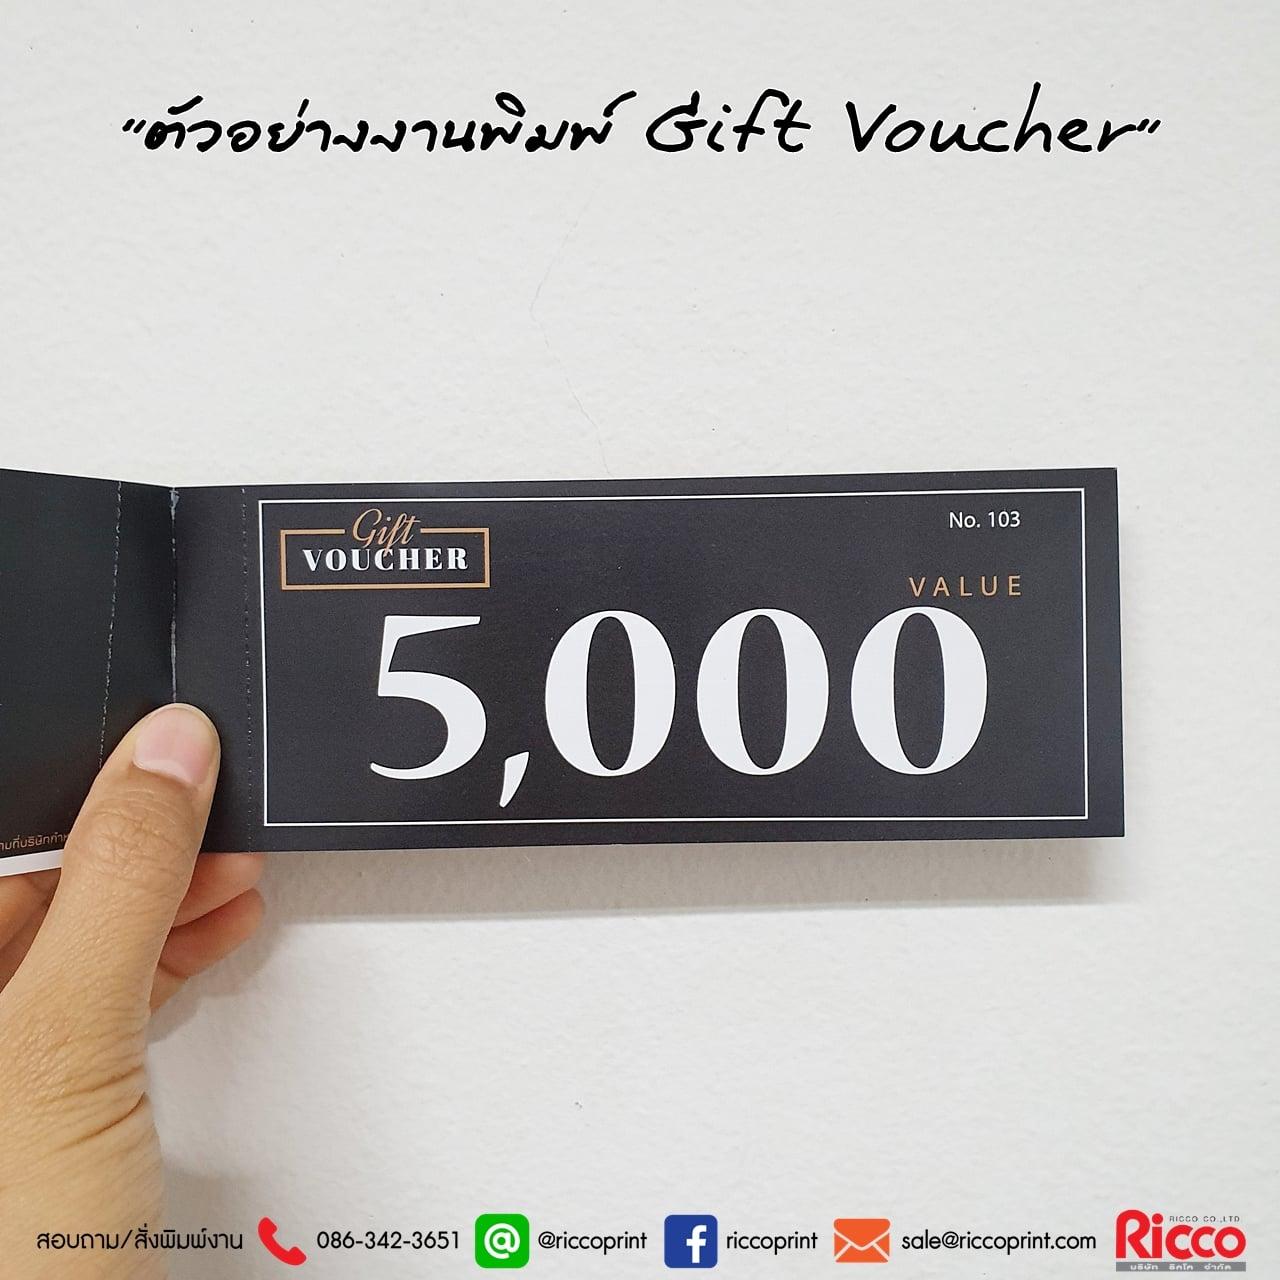 รูป Coupon Gift Voucher 32 - ประกอบเนื้อหา คูปอง บัตรกำนัล ตั๋ว